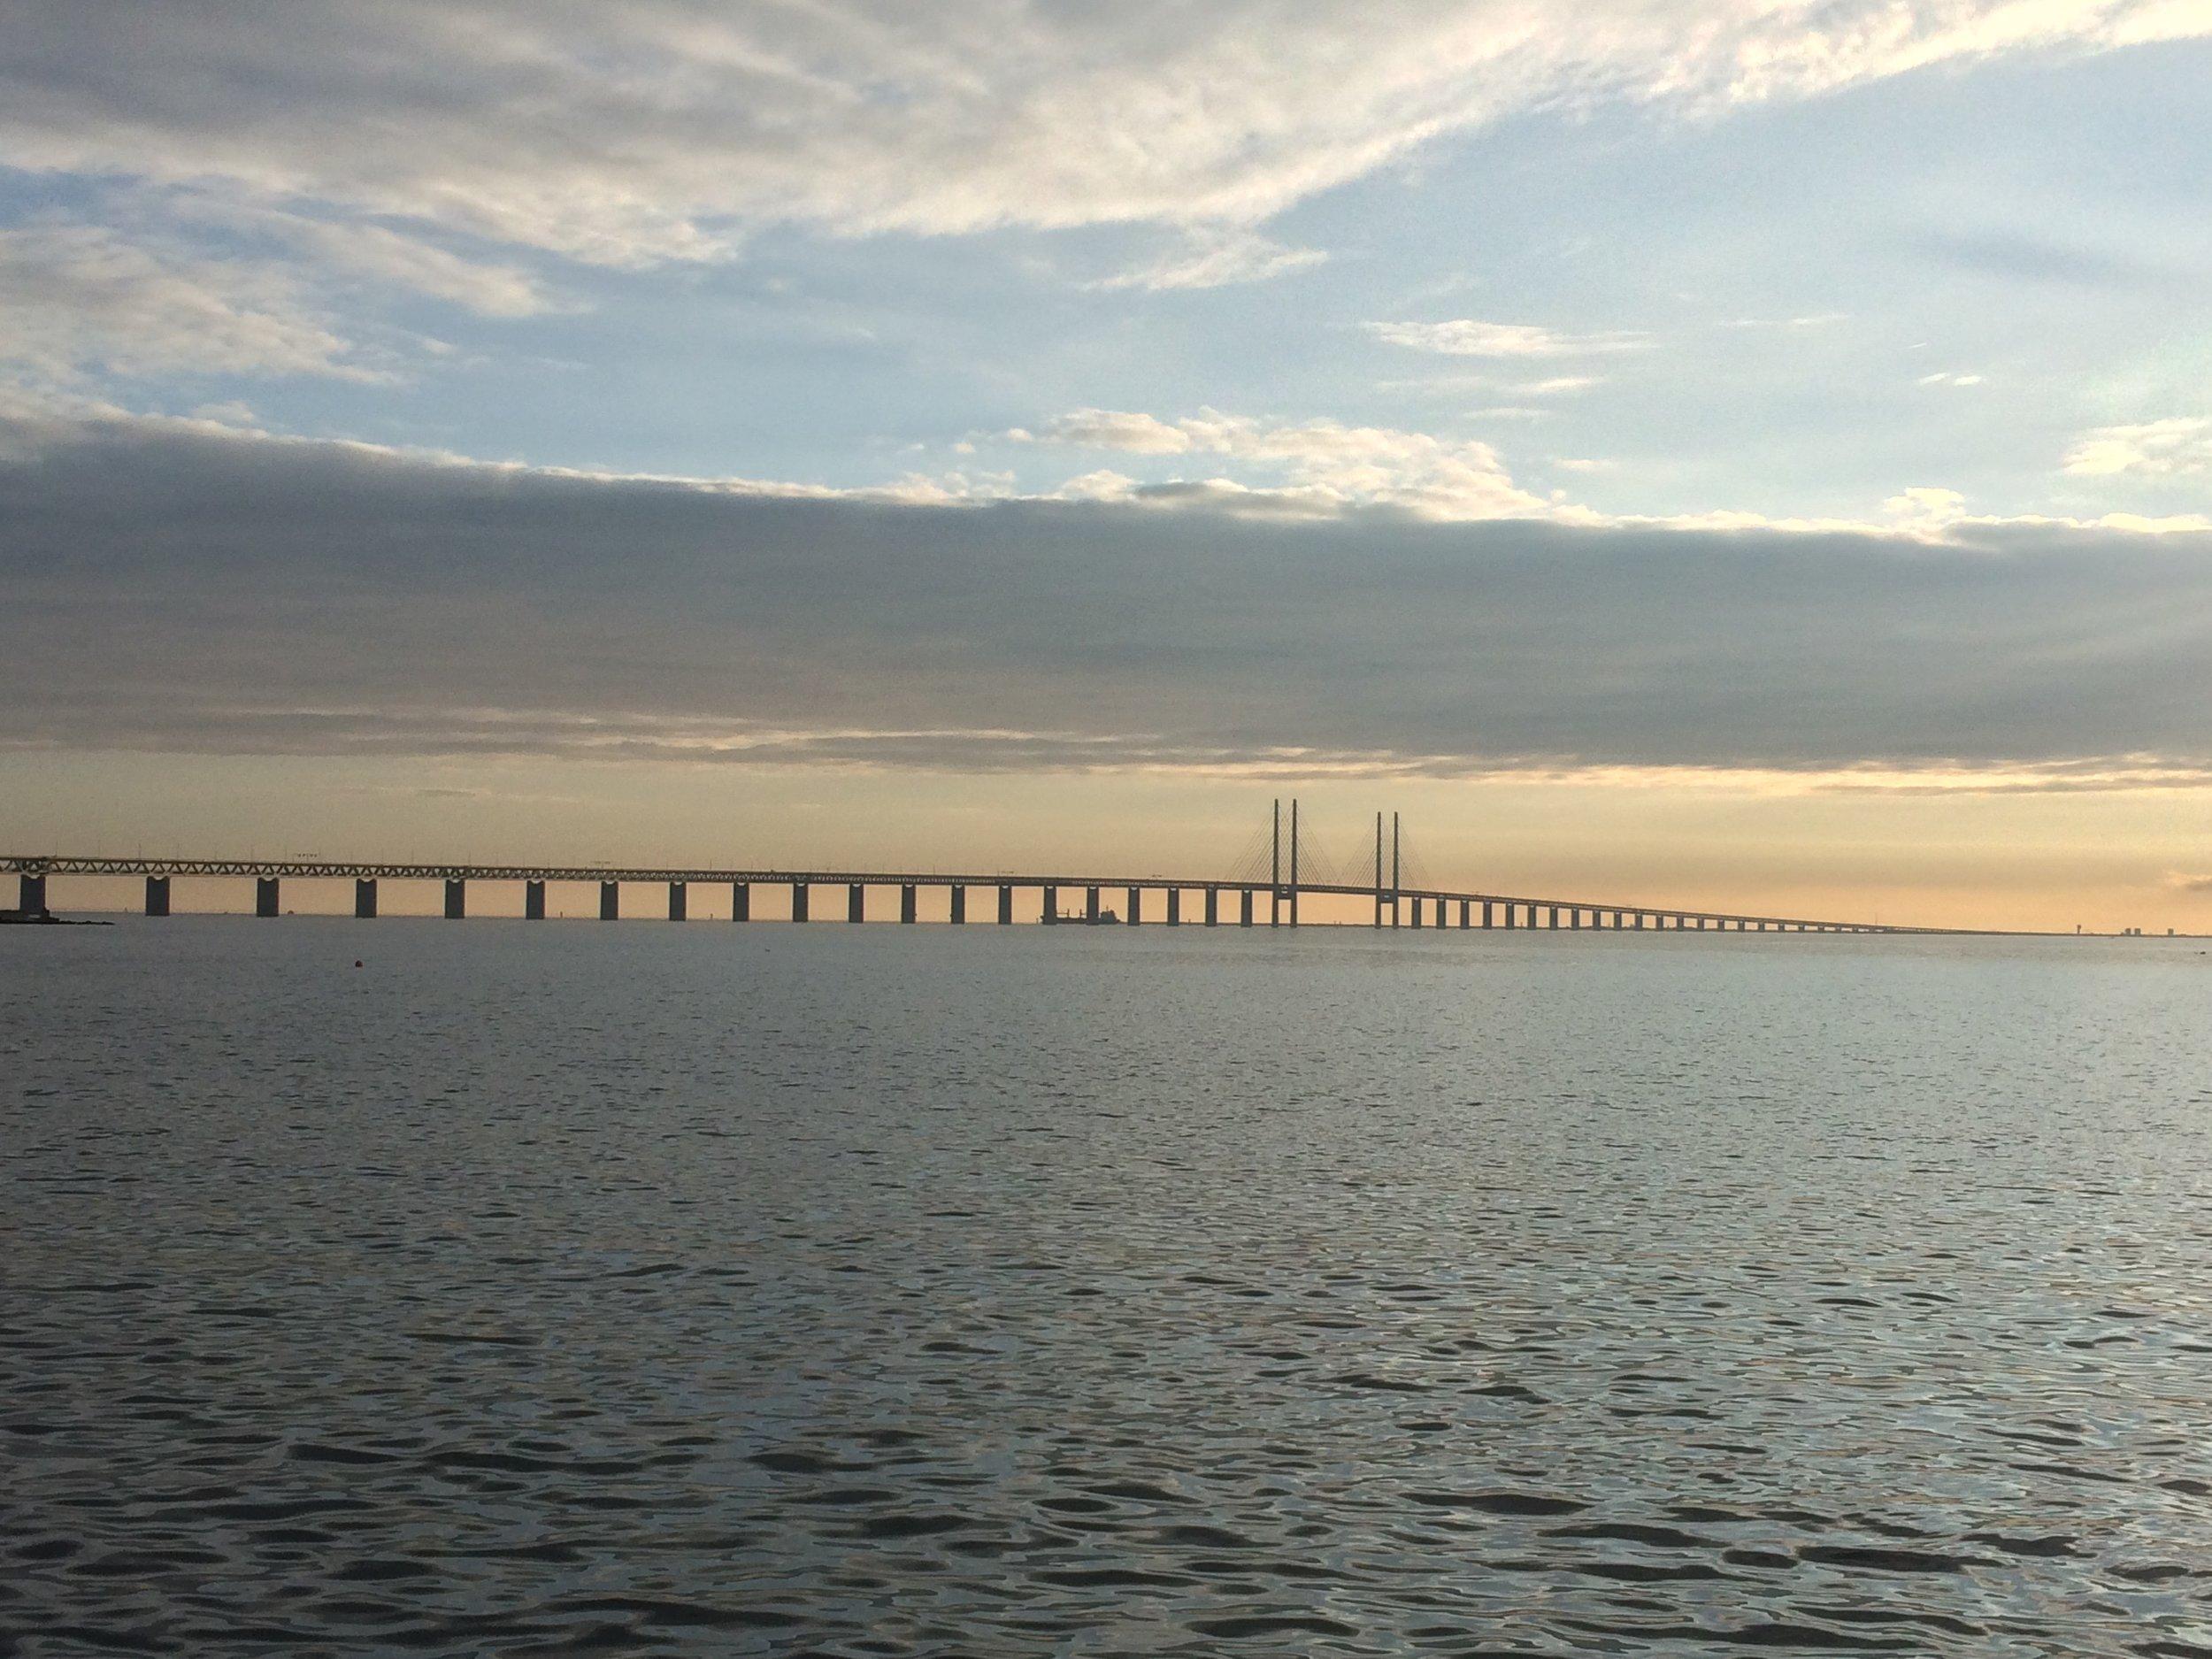 Bridging Denmark and Sweden -the Øresund Bridge